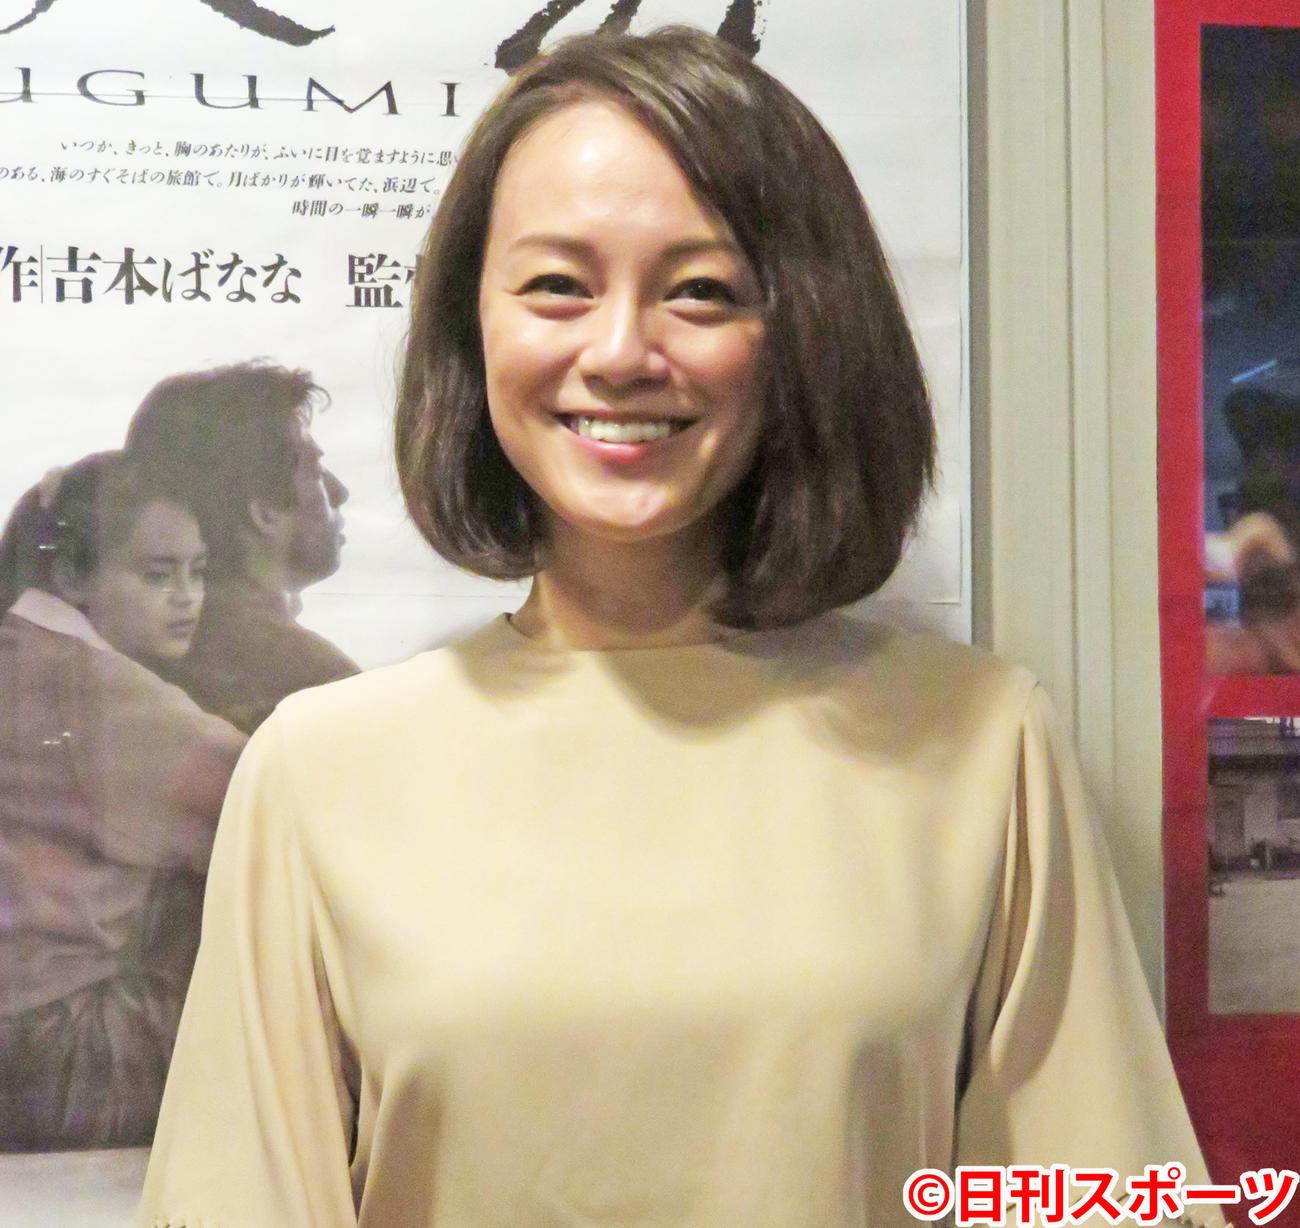 牧瀬里穂(2017年12月2日撮影)